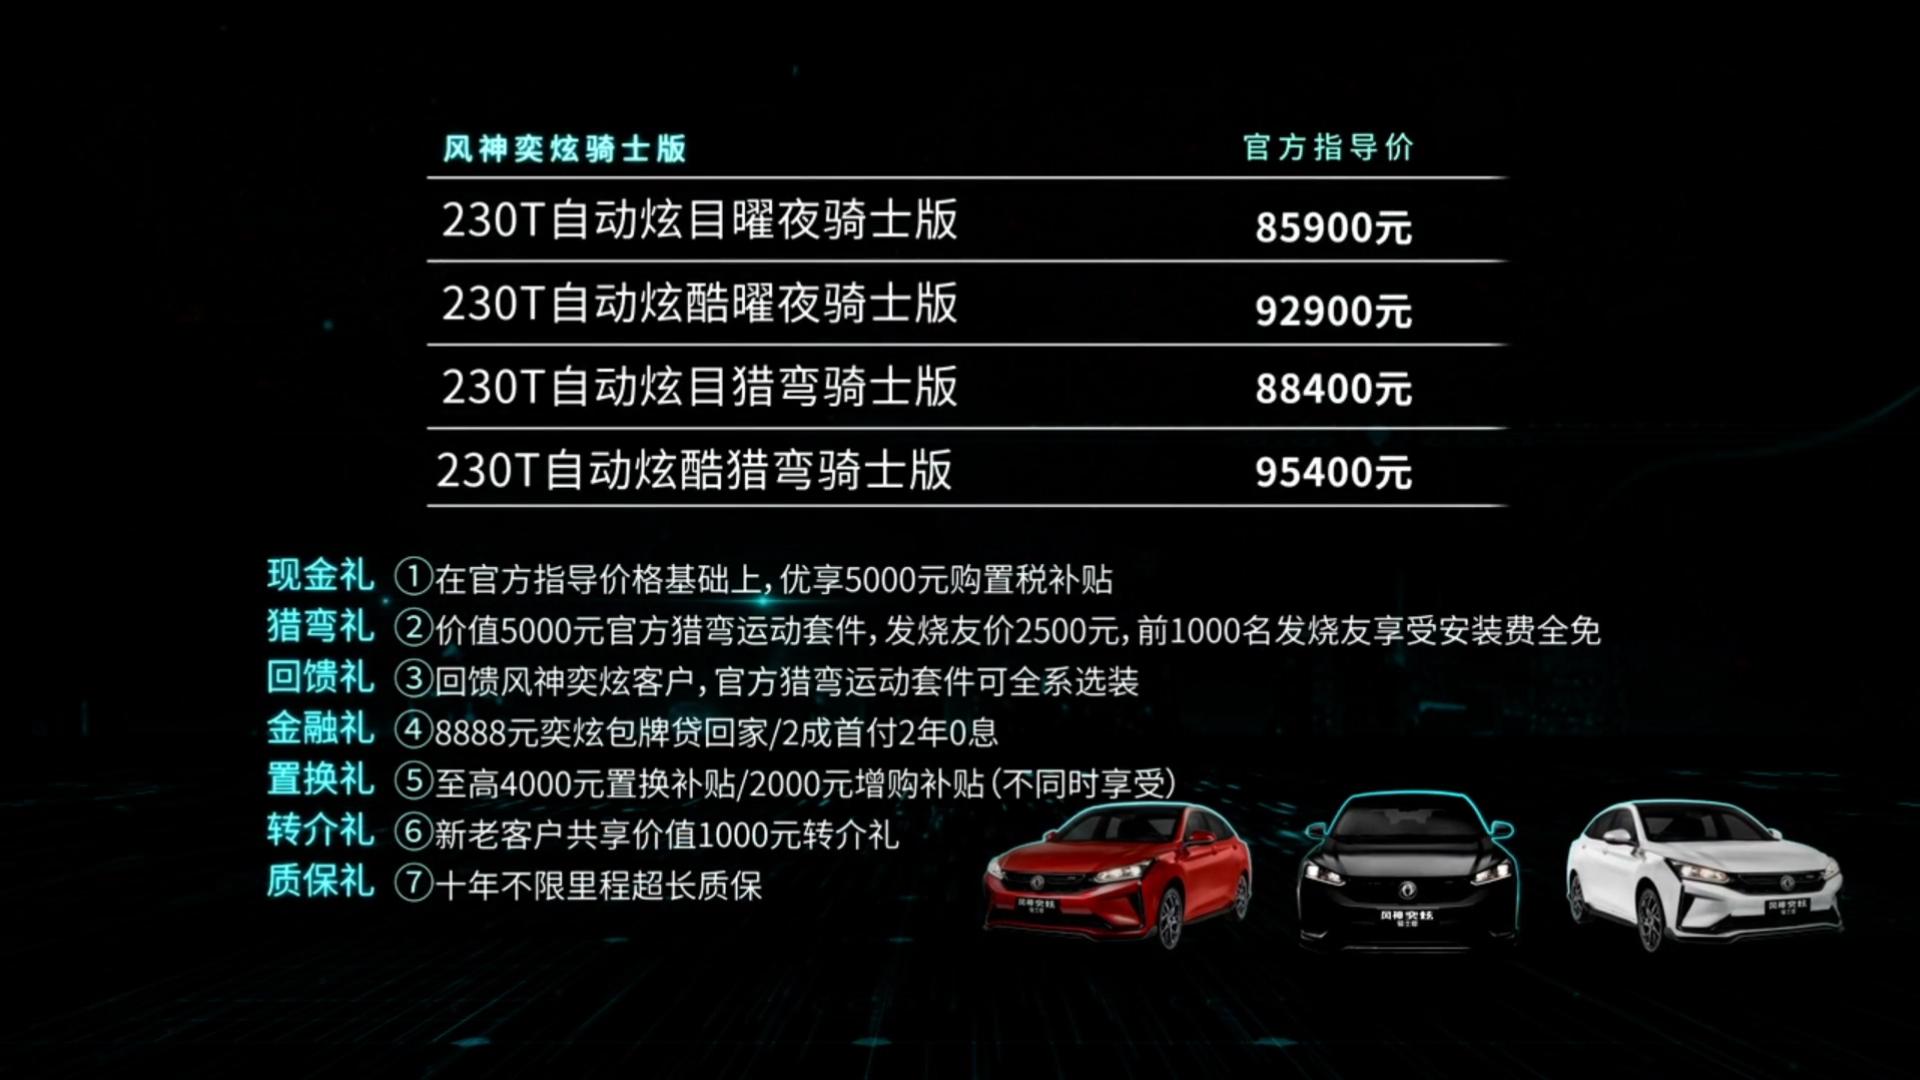 东风风神奕炫骑士版正式上市 售价8.59-9.54万元